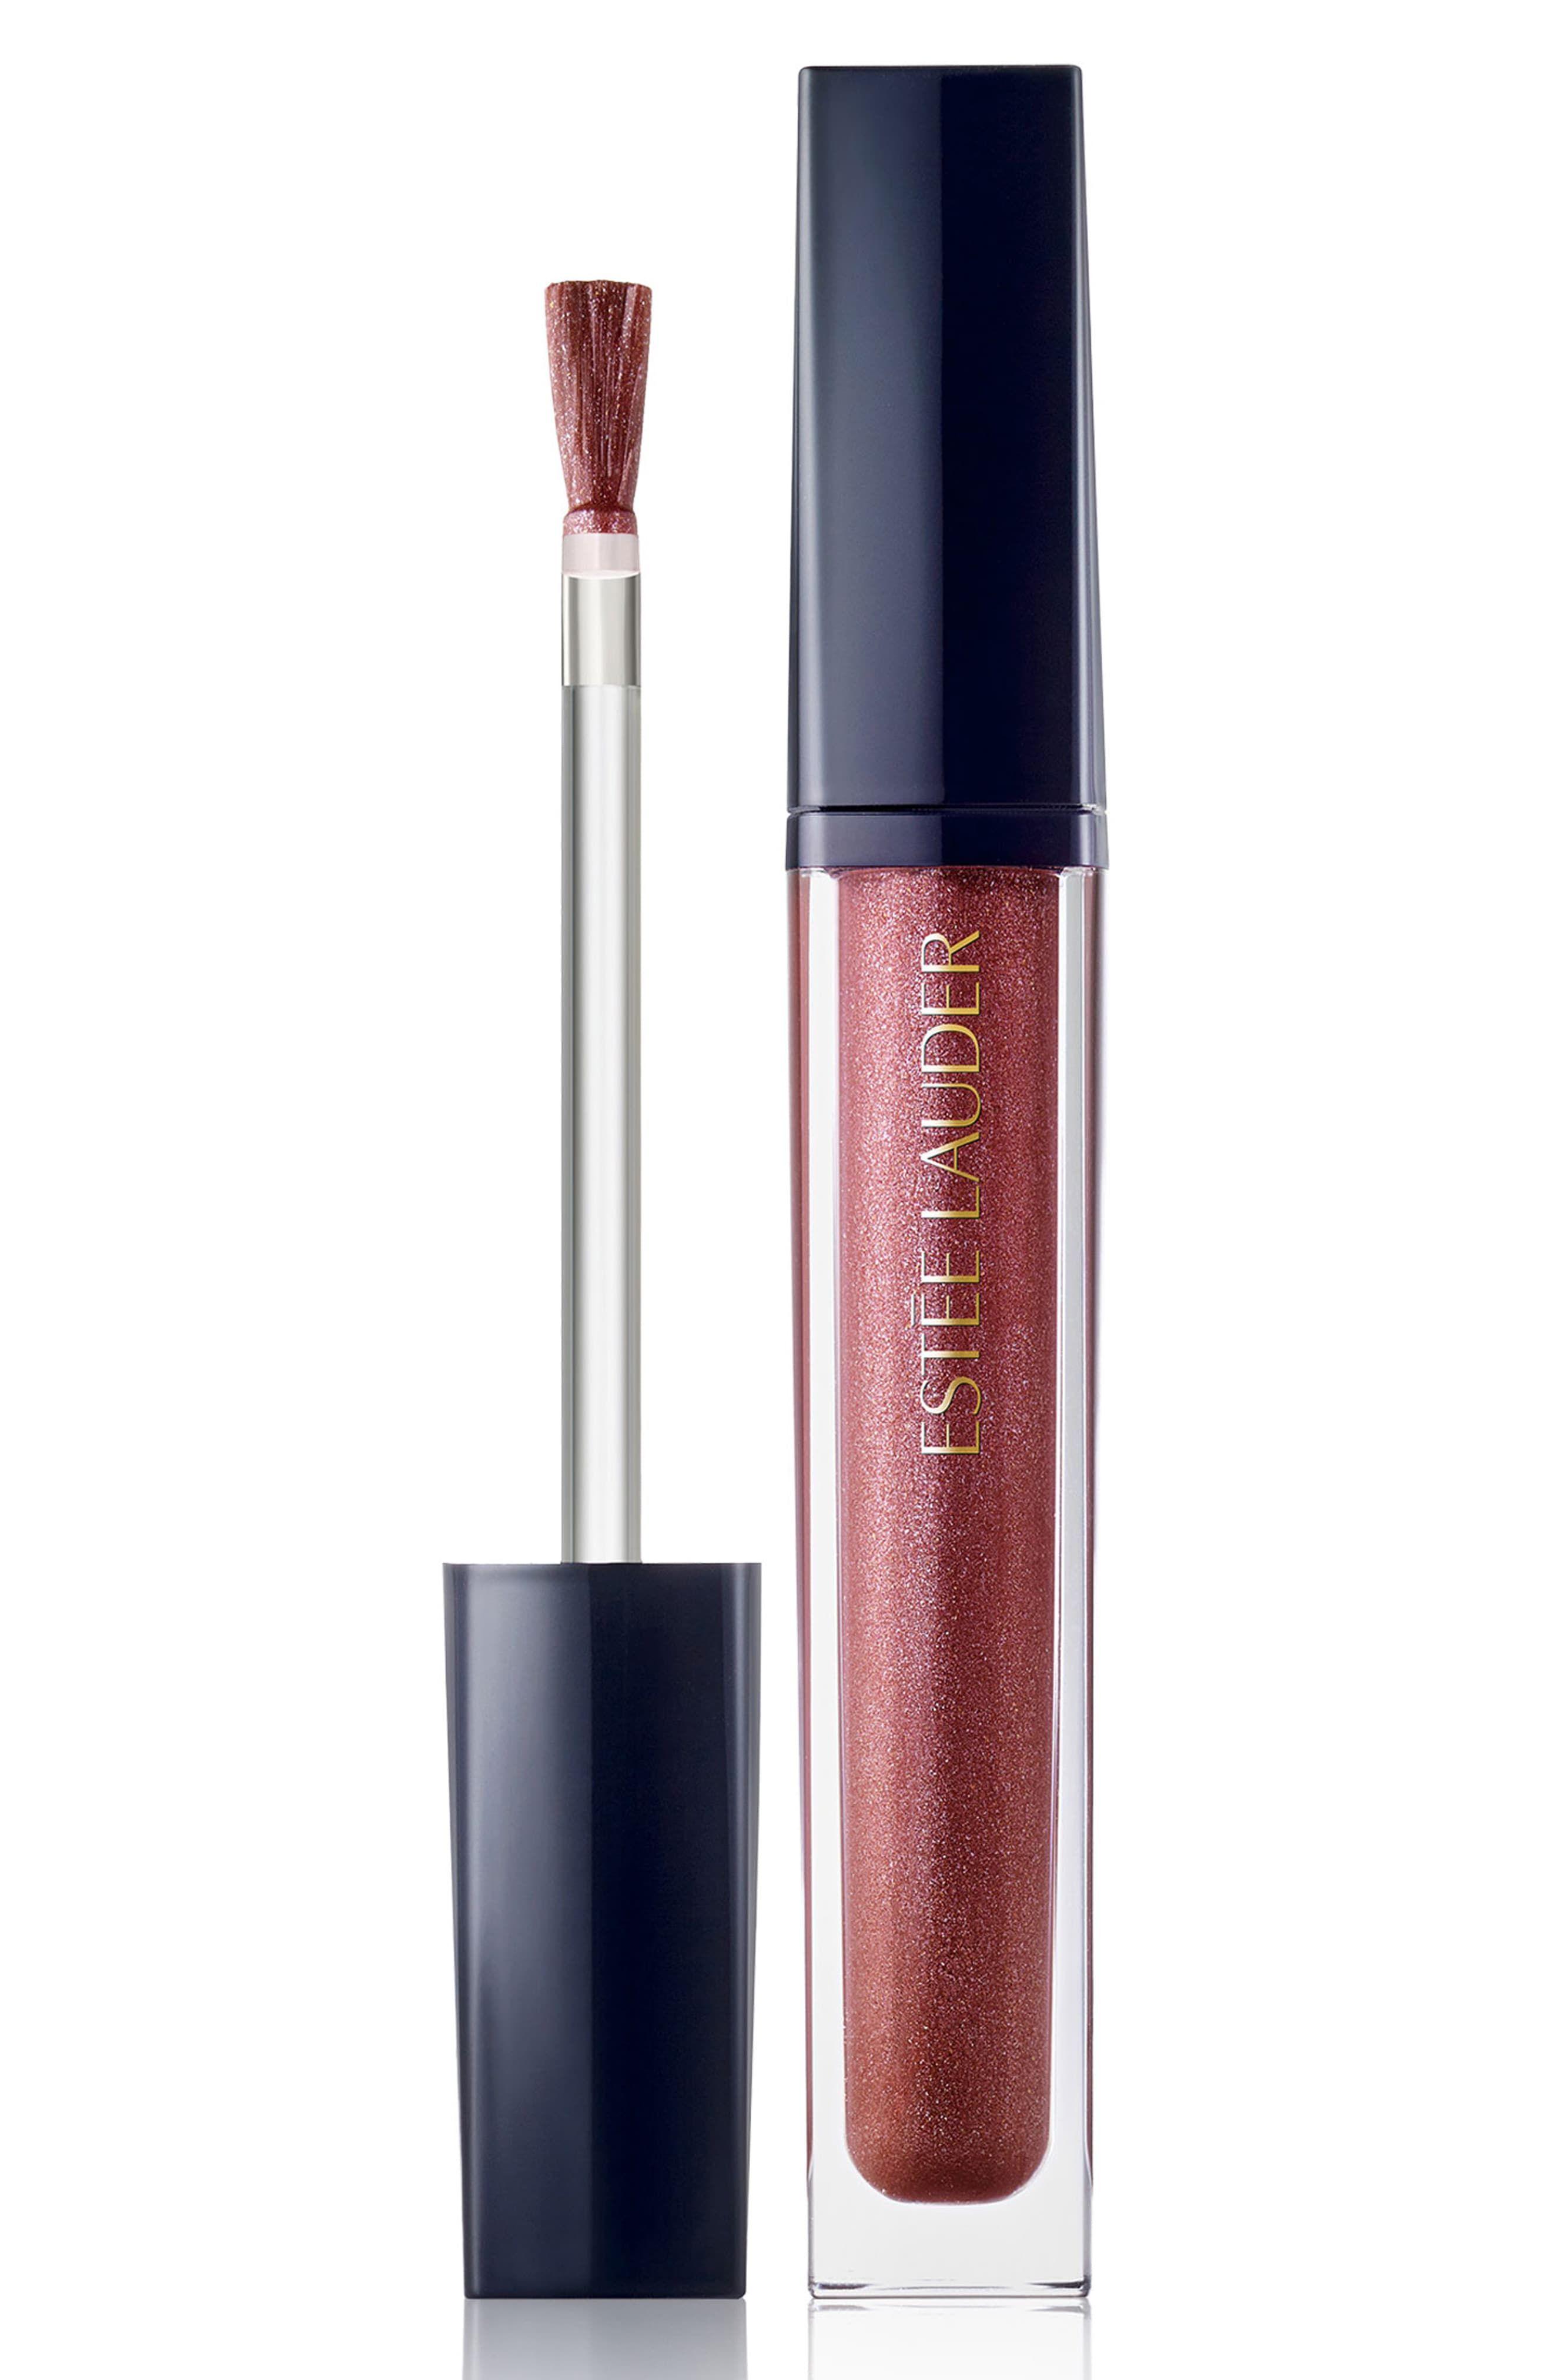 Estée Lauder Pure Color Envy Gloss Kissable Lip Shine